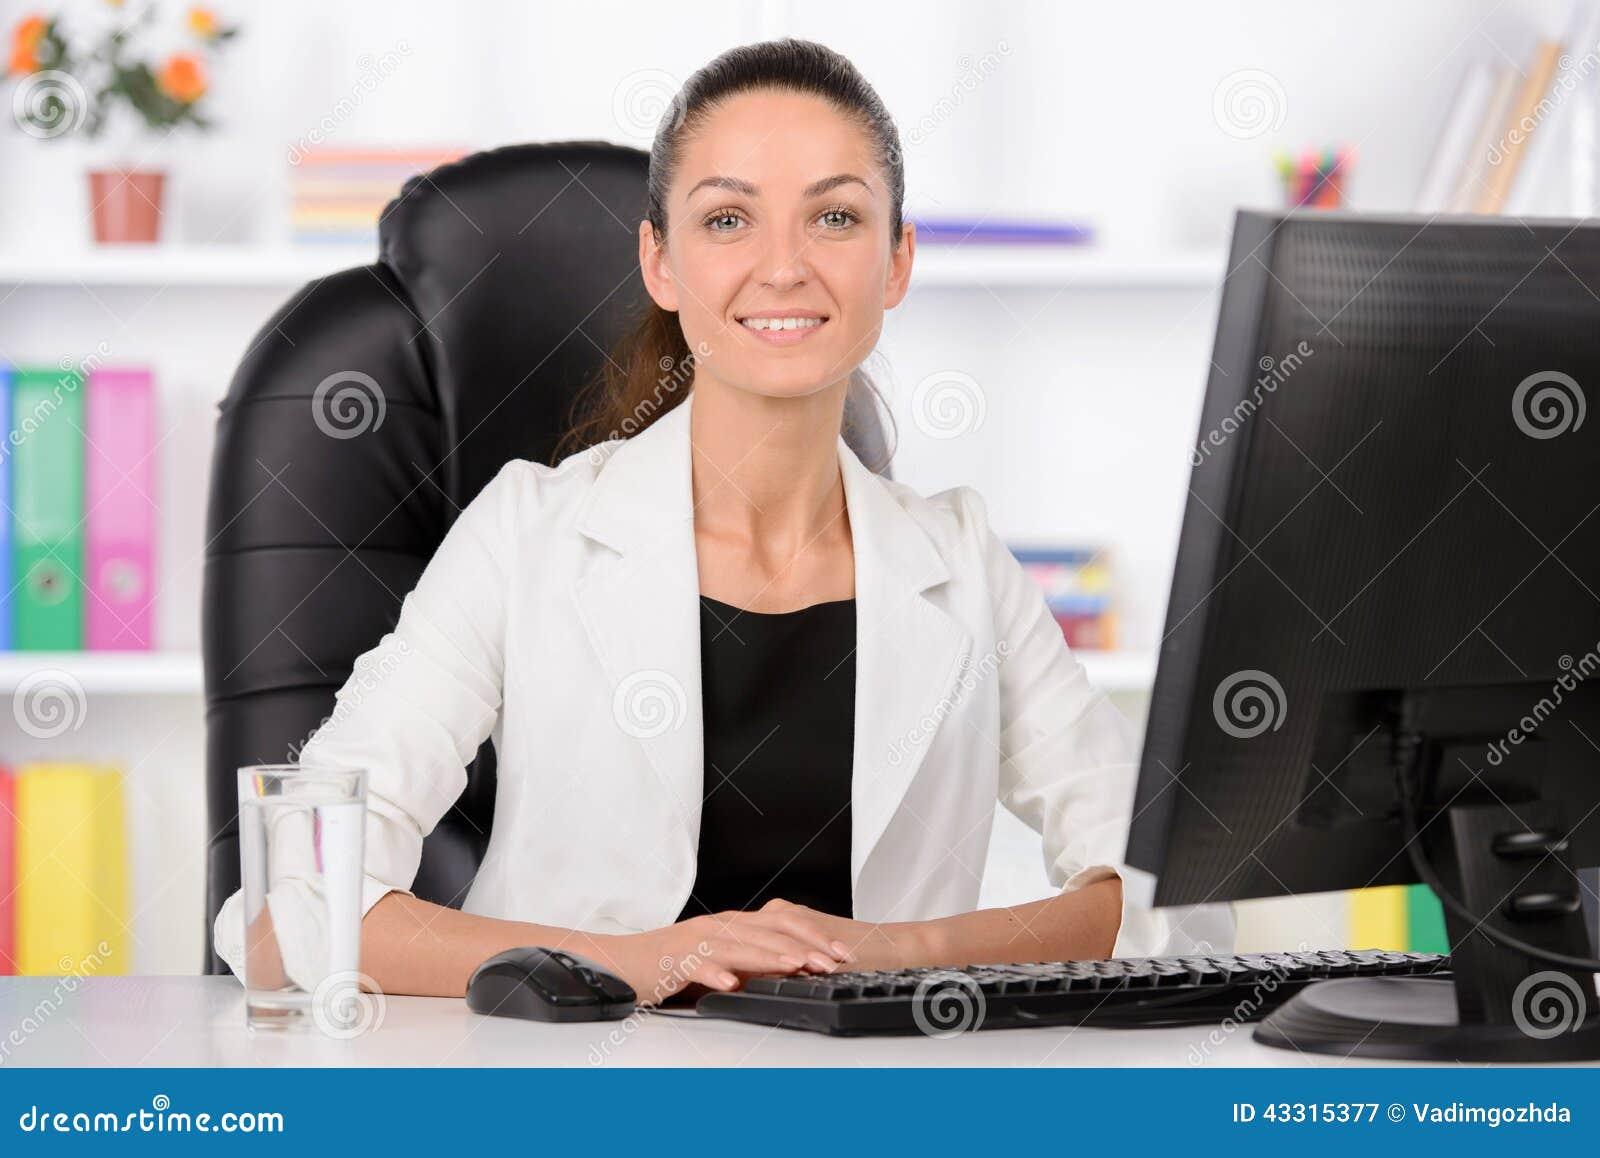 femme d 39 affaires 2 image stock image du businesswoman 43315377. Black Bedroom Furniture Sets. Home Design Ideas